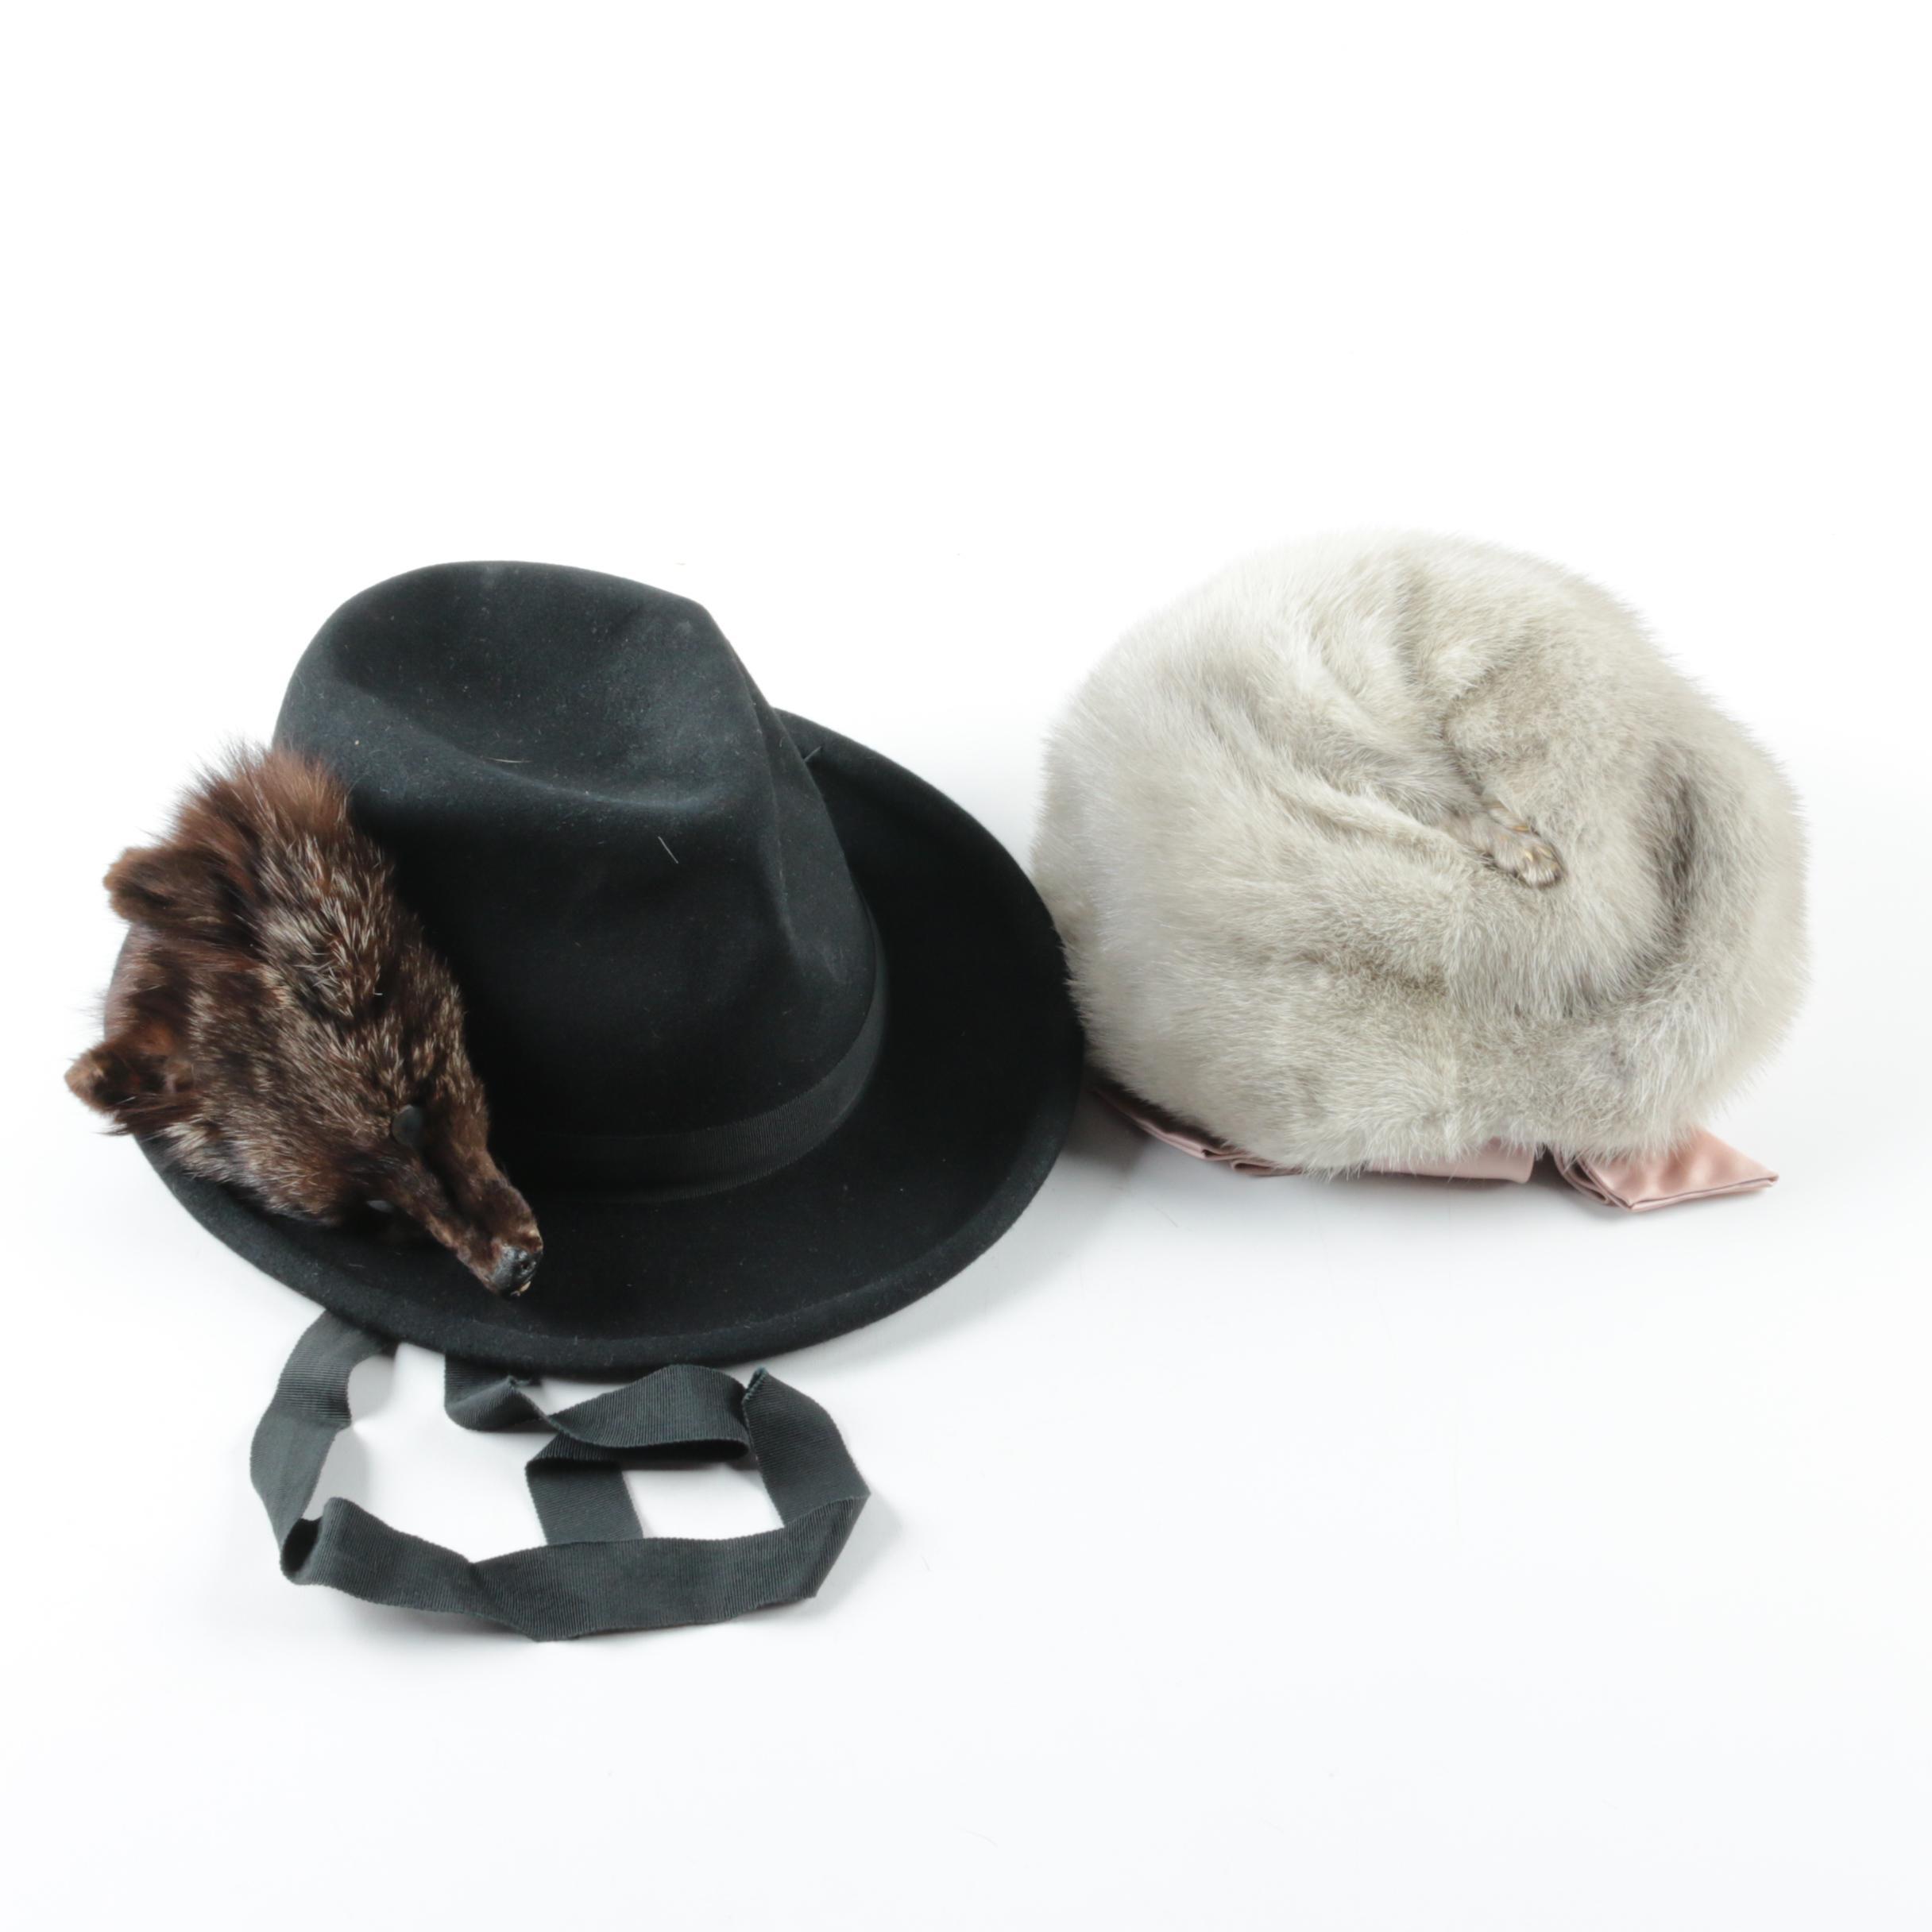 Women's Vintage Fur Hats Including Mink Fur